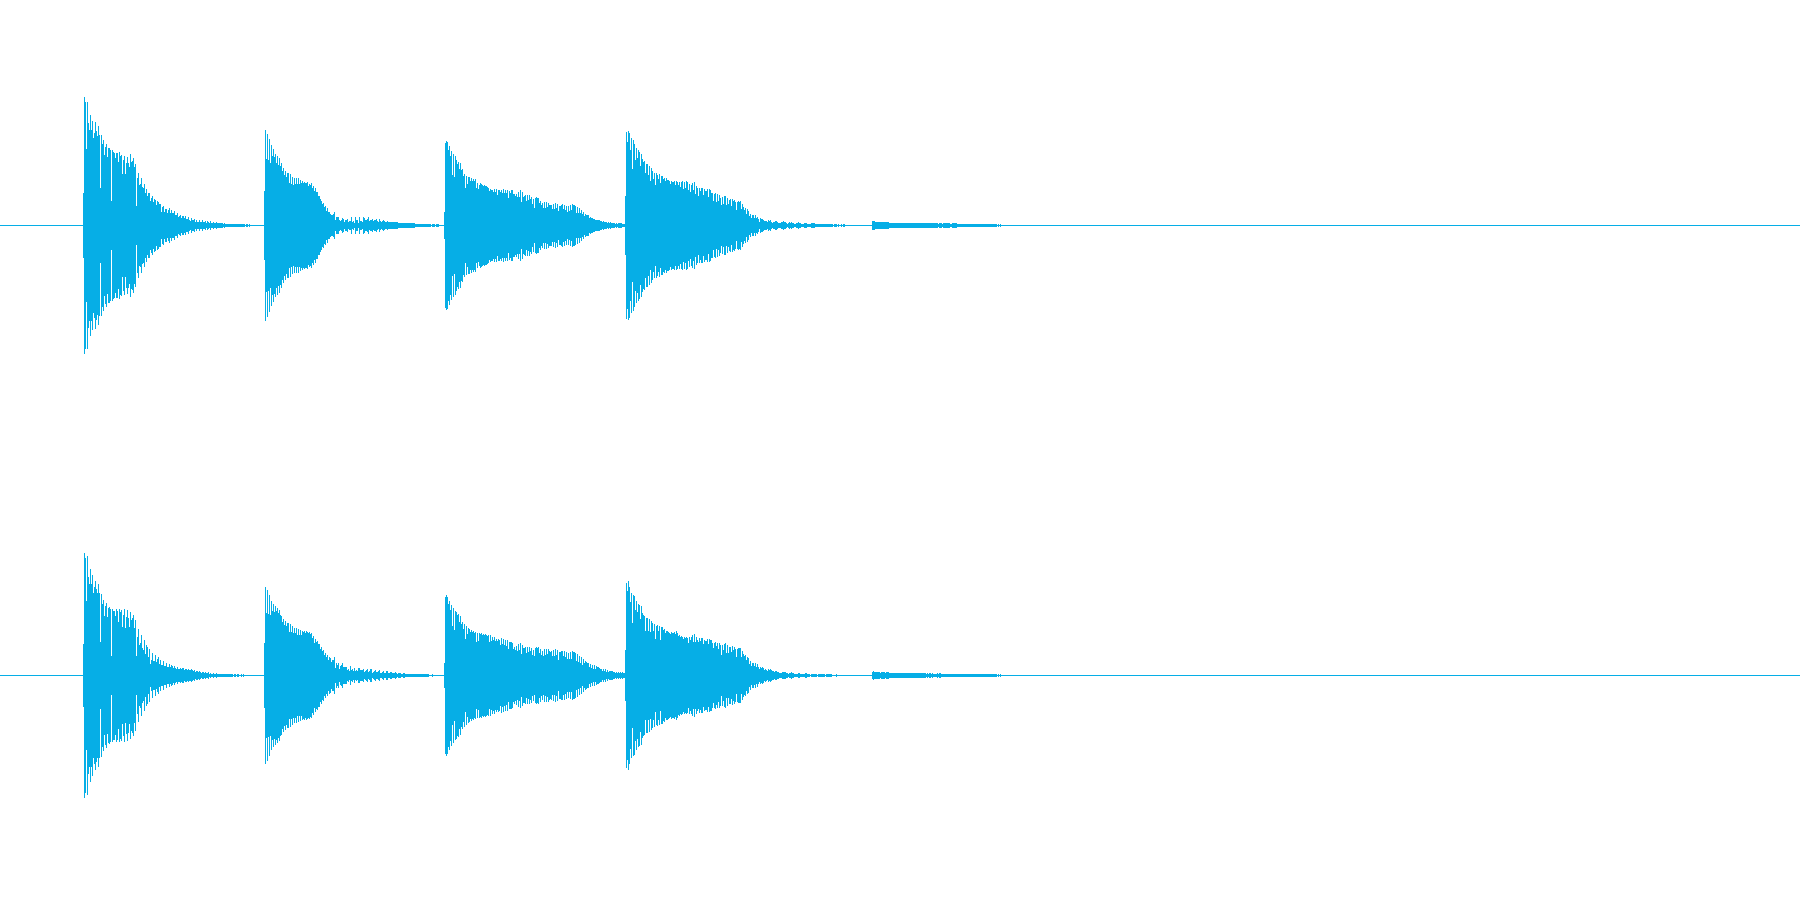 システム・ボタン音1の再生済みの波形